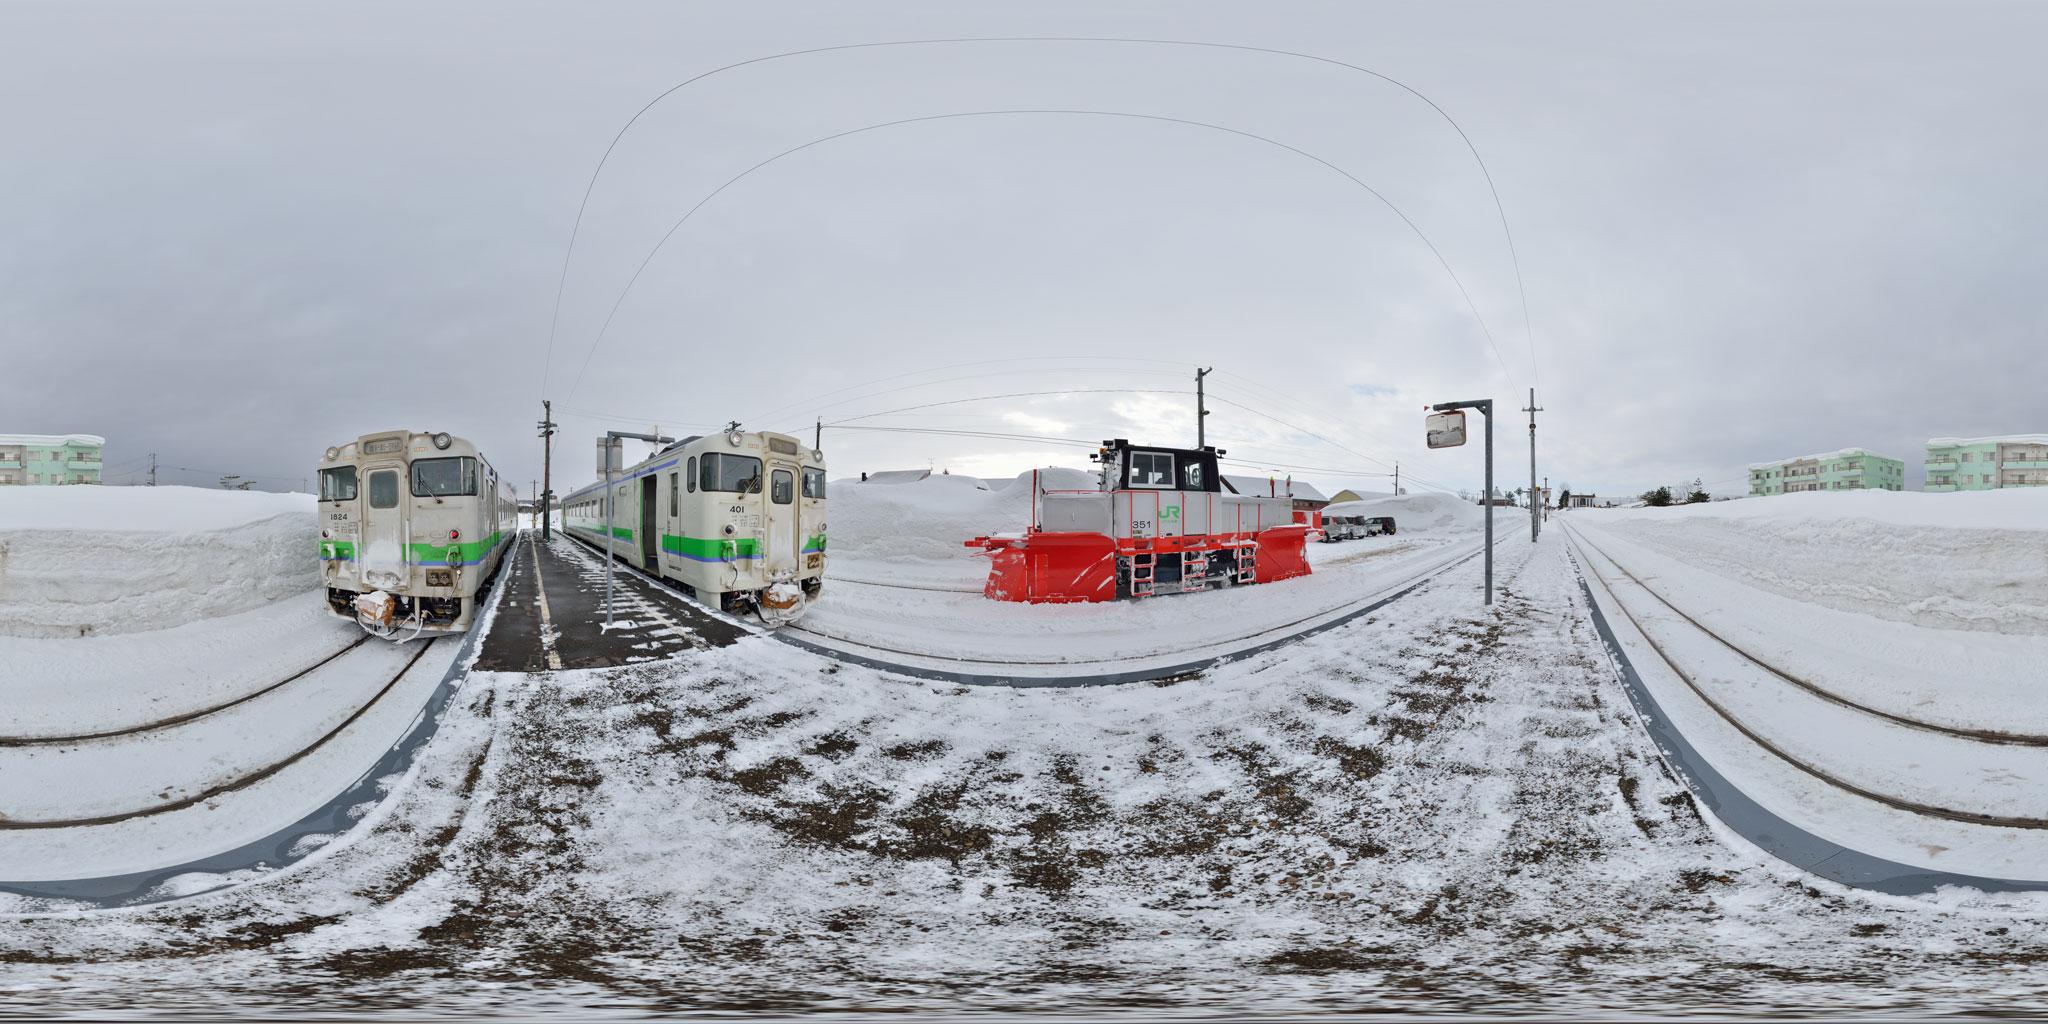 札沼線石狩月形駅で交換するキハ40